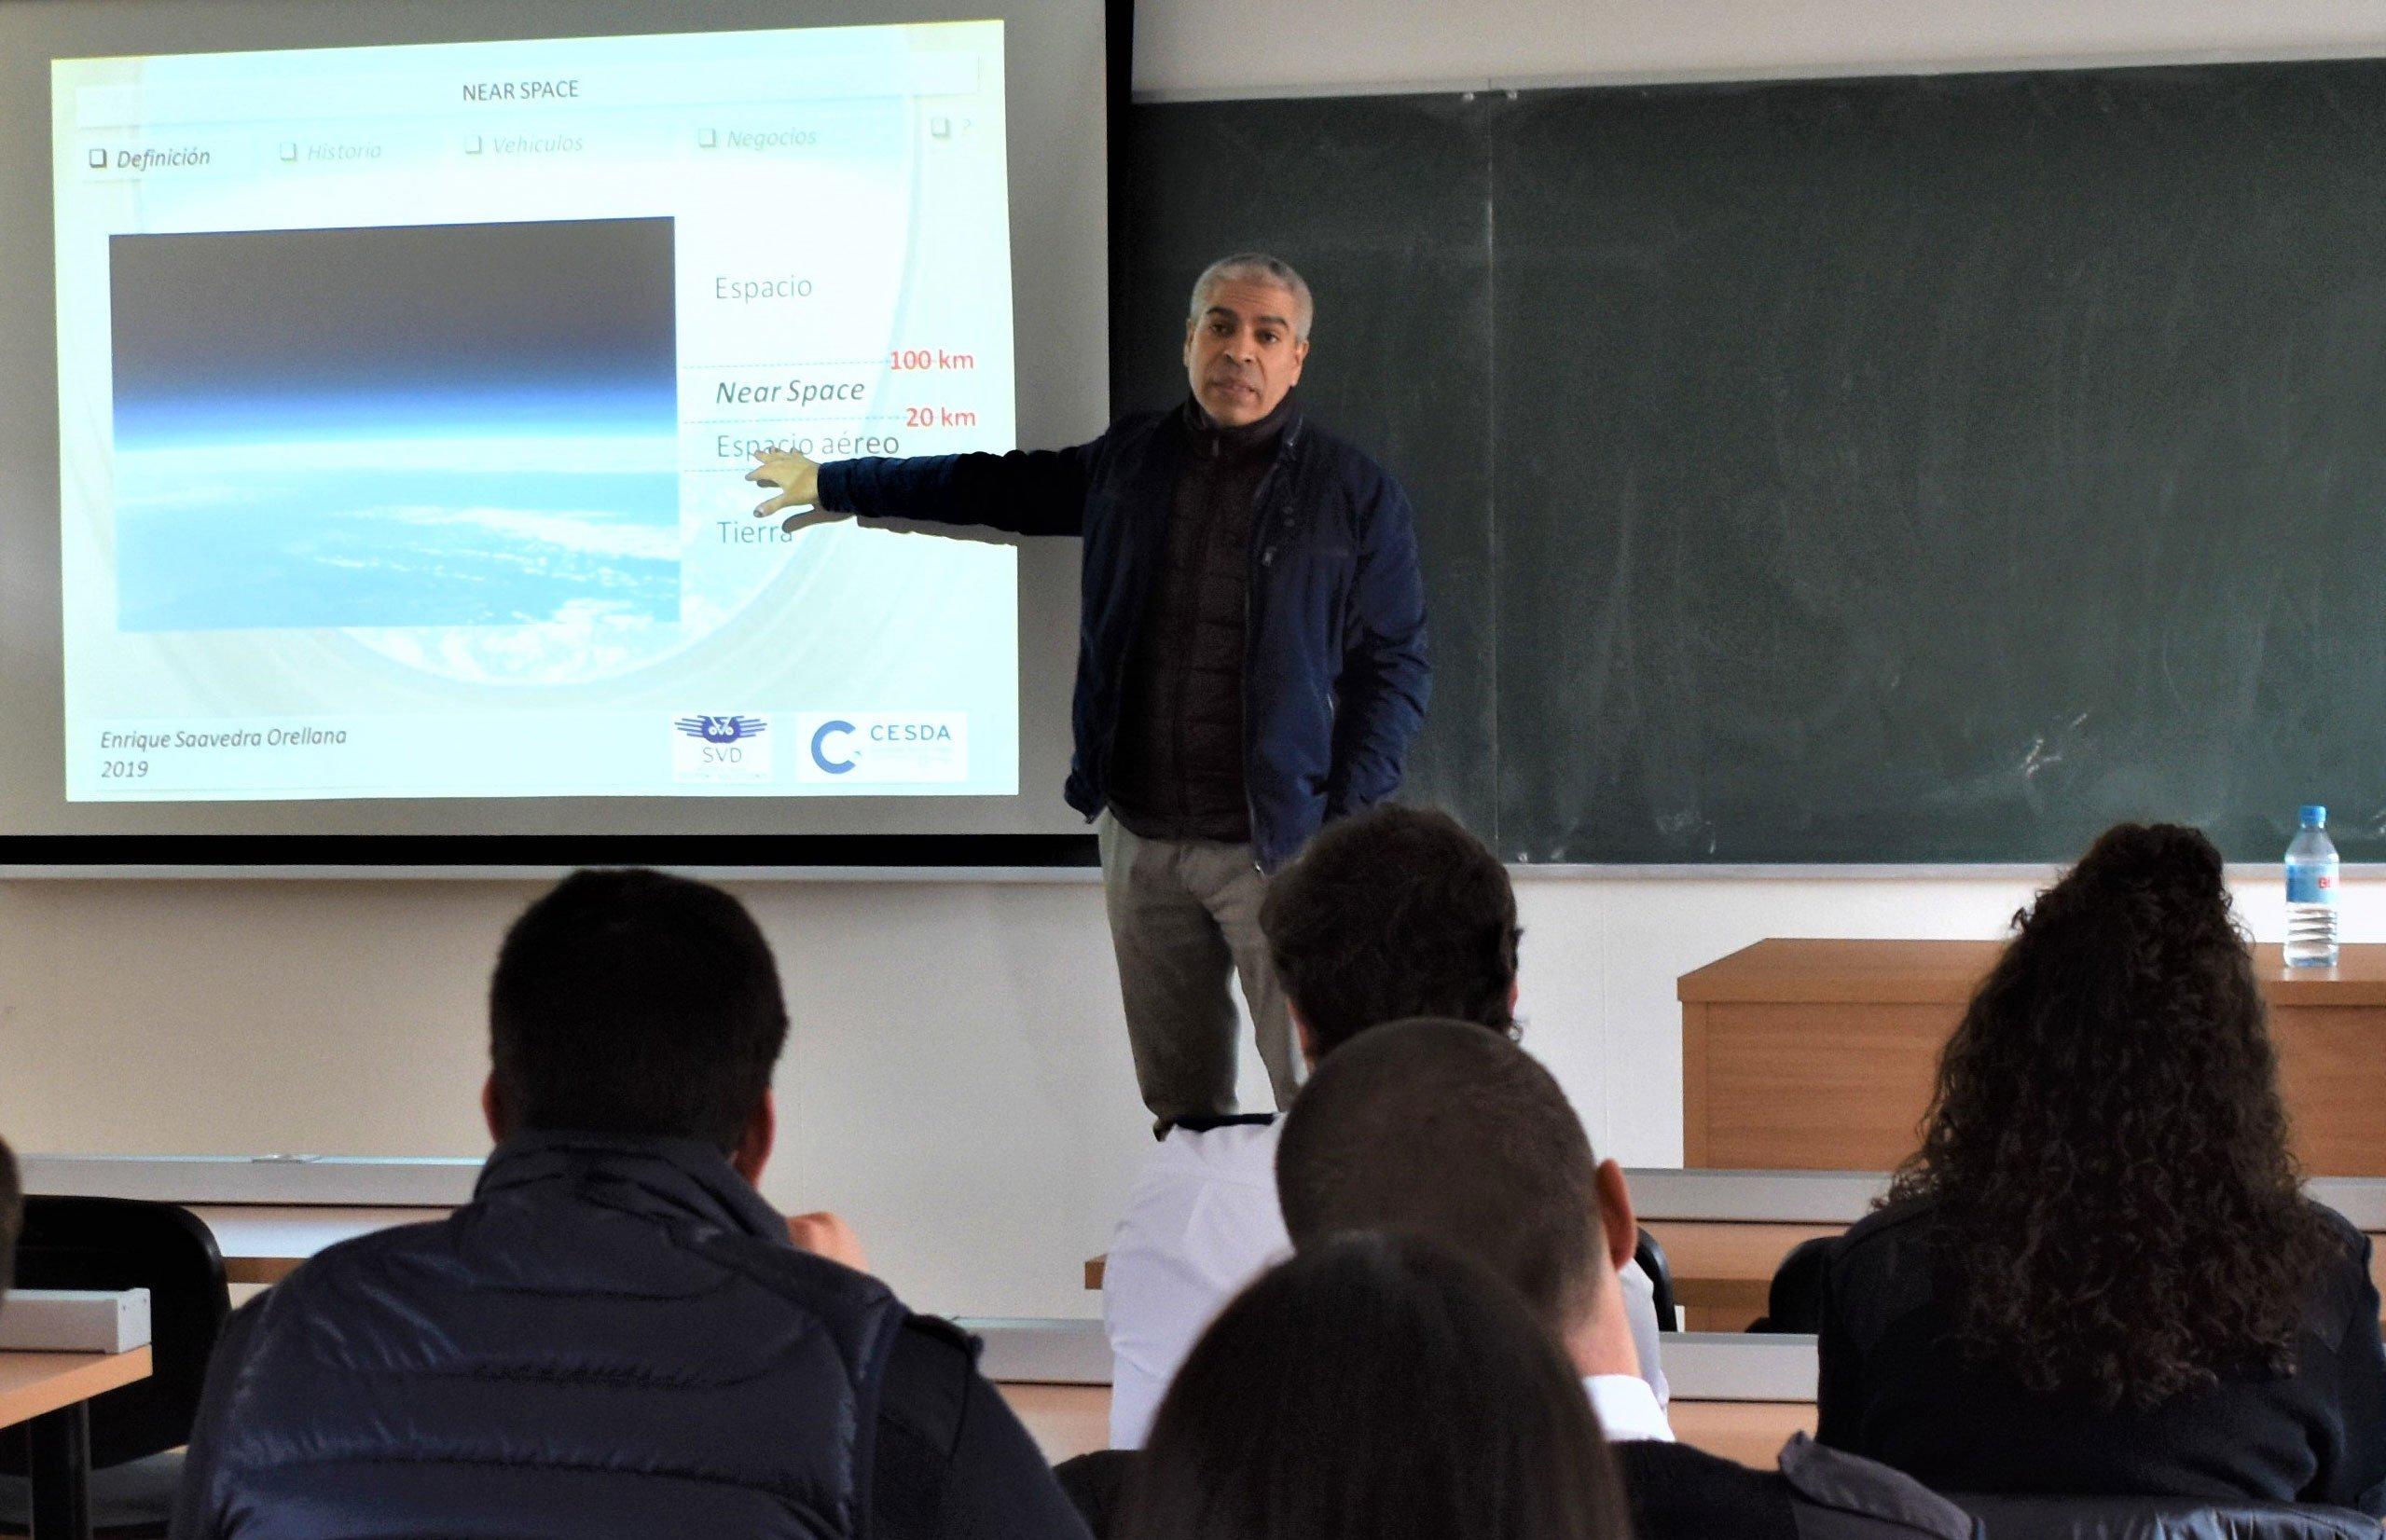 Conferencia Near Space en el día CESDA 2019